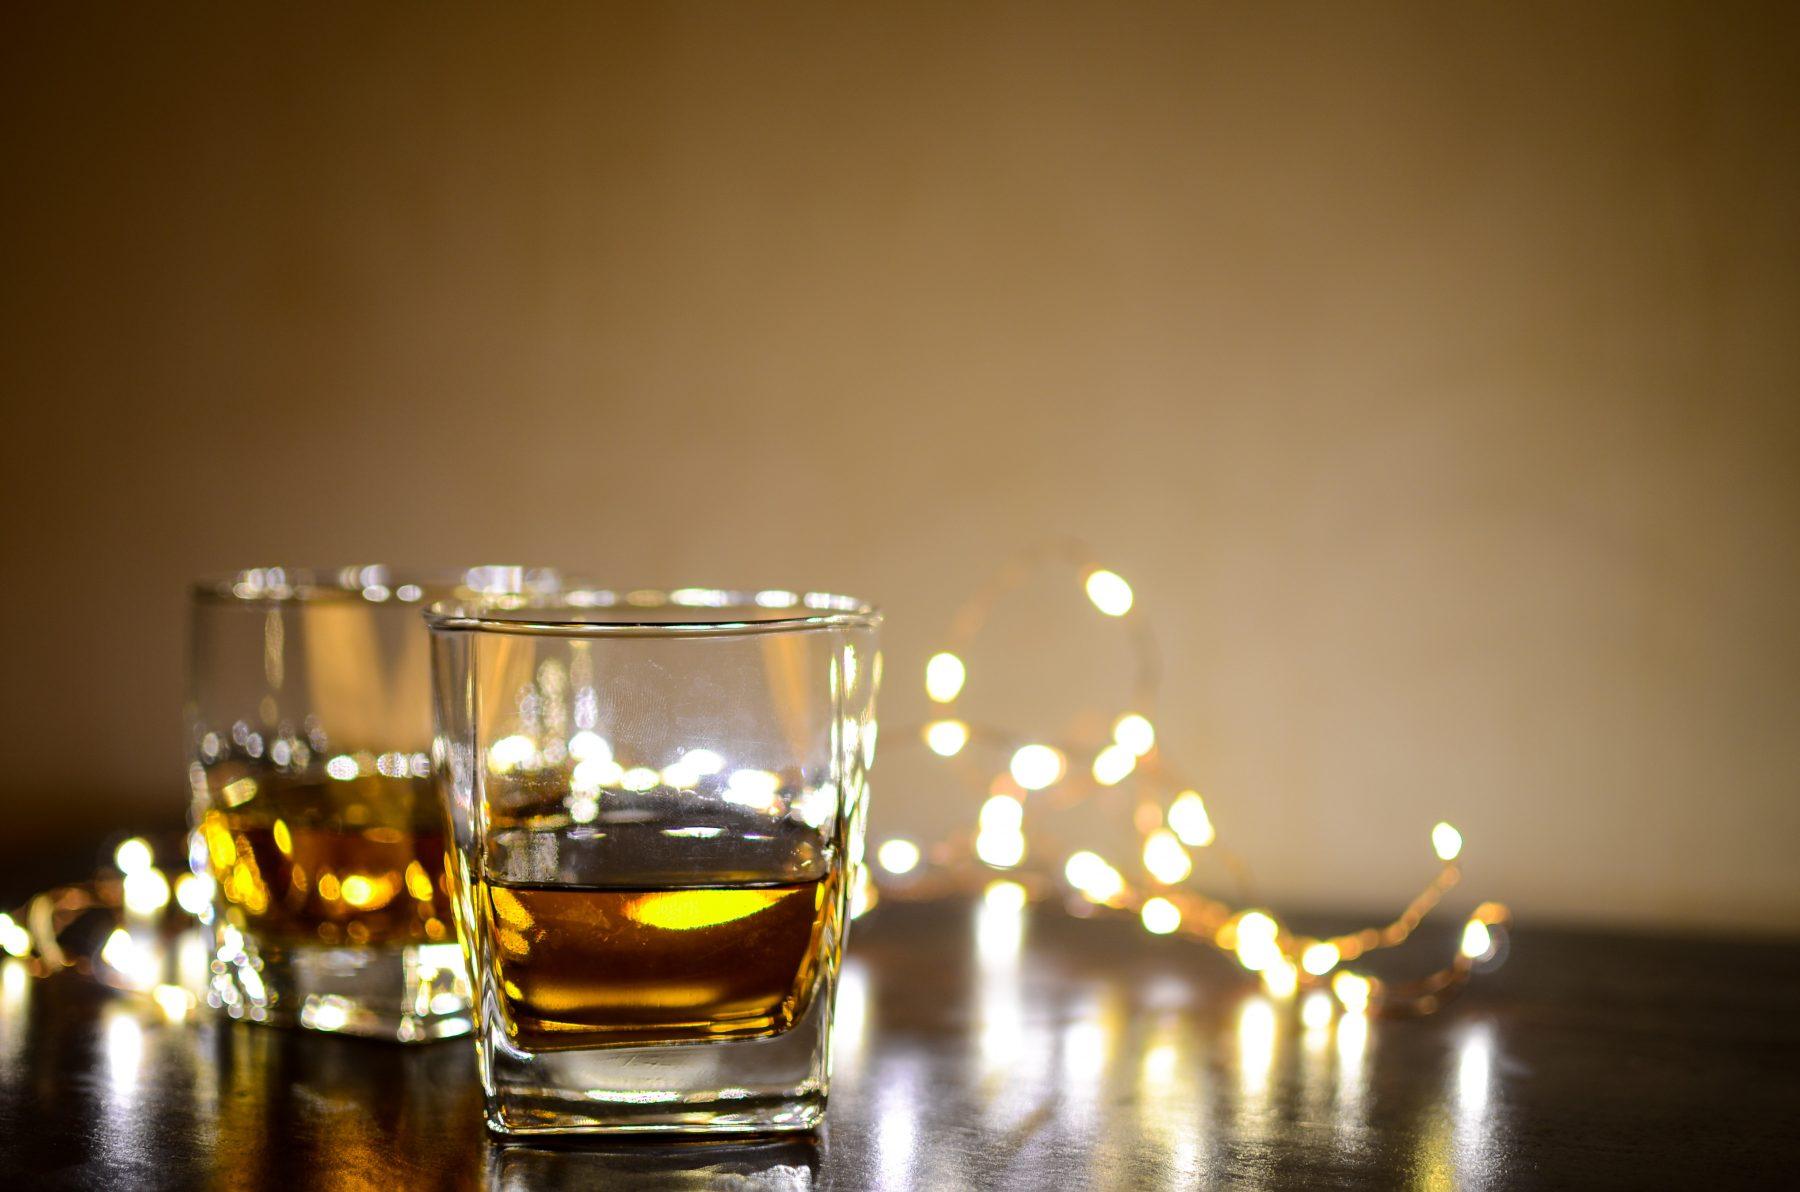 Dunkles Bild von mit Alkohol gefüllten Gläsern.